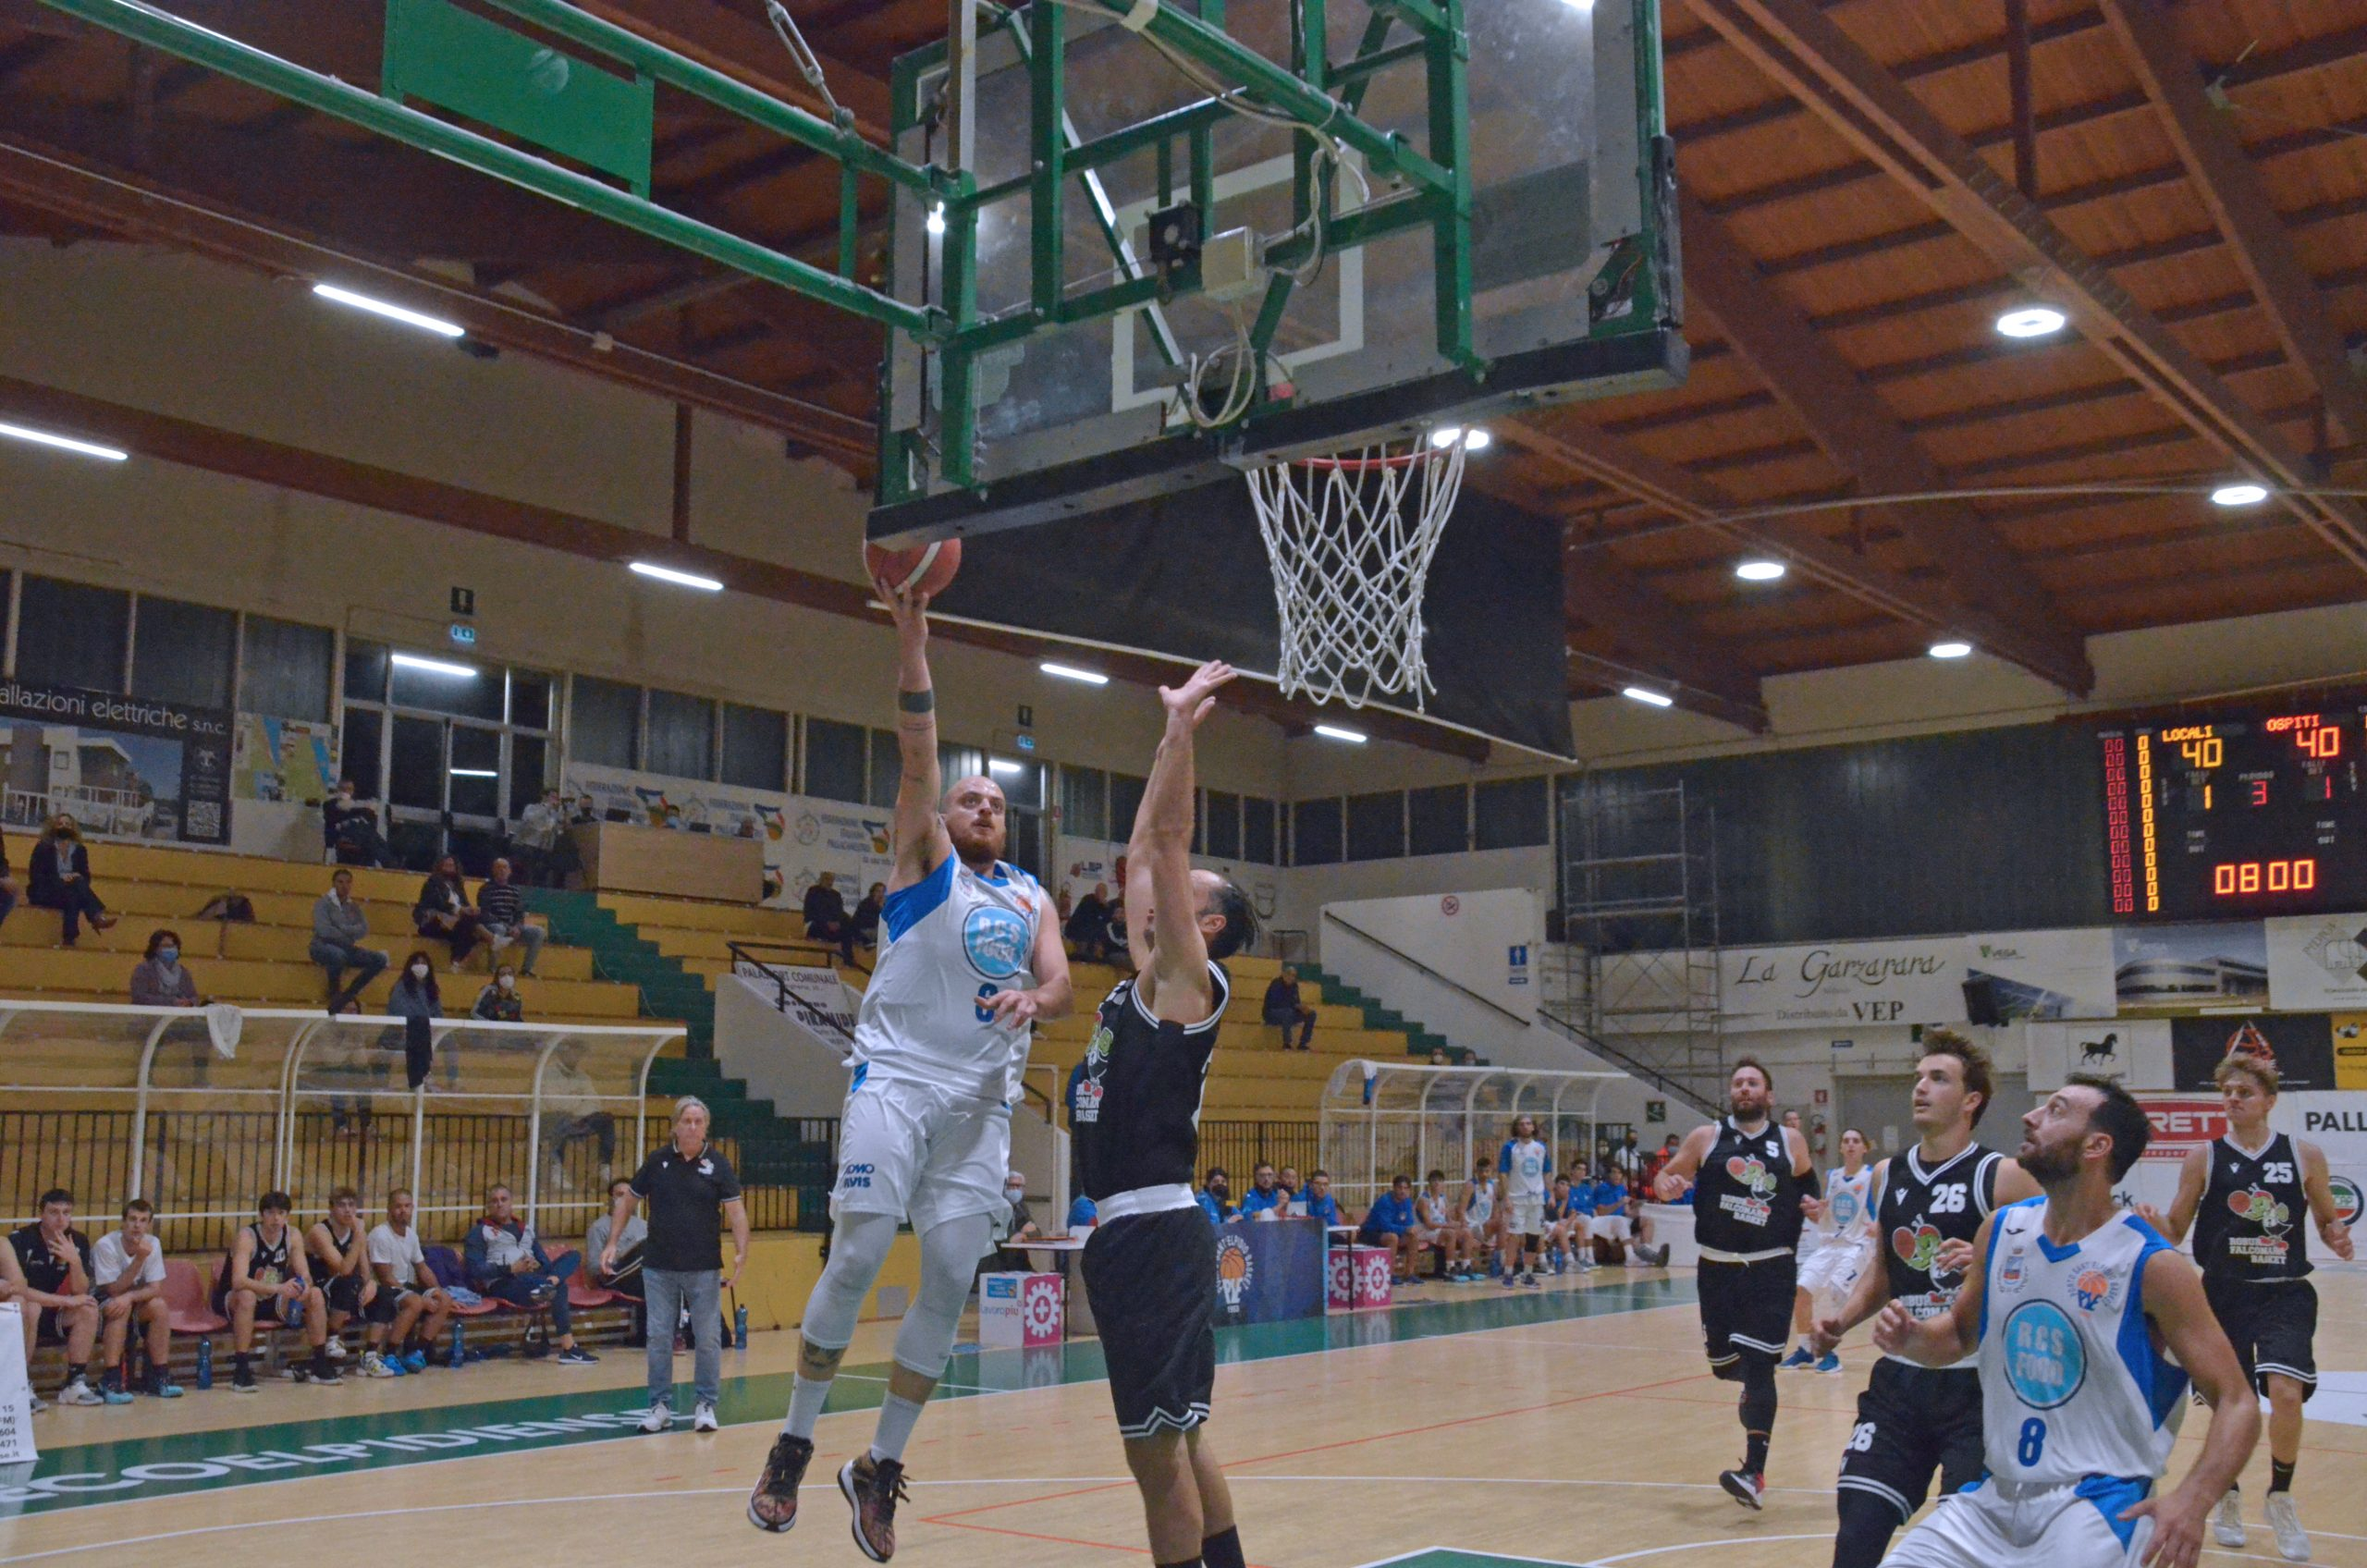 Porto Sant'Elpidio Basket - Robur Falconara Basket 80-61: Buona la prima per gli azzurri!